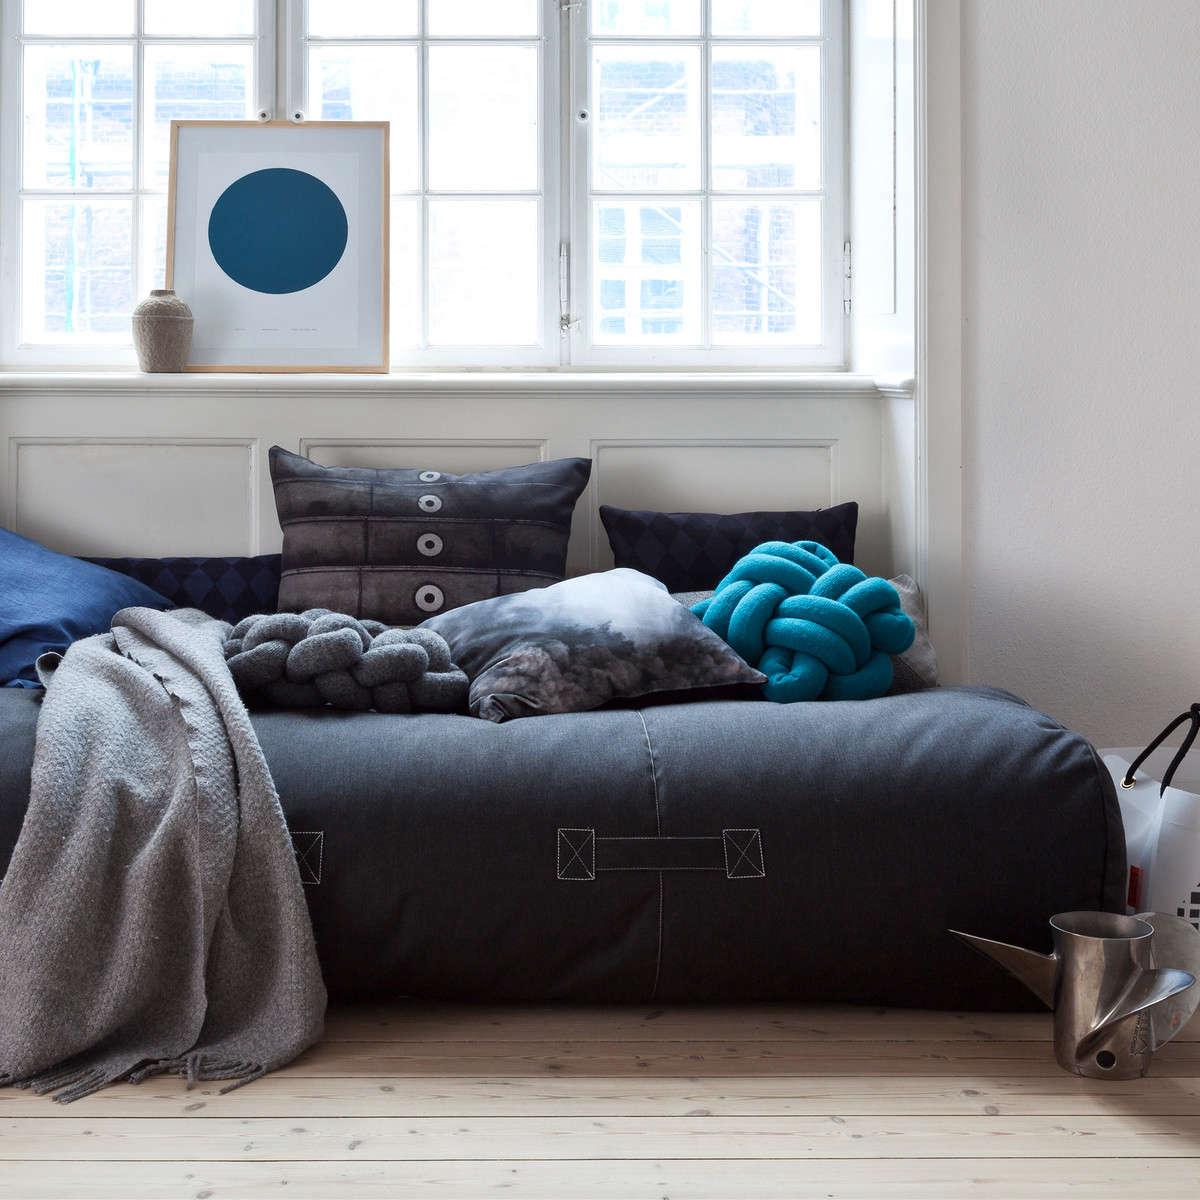 trimm copenhagen couch remodelista 12